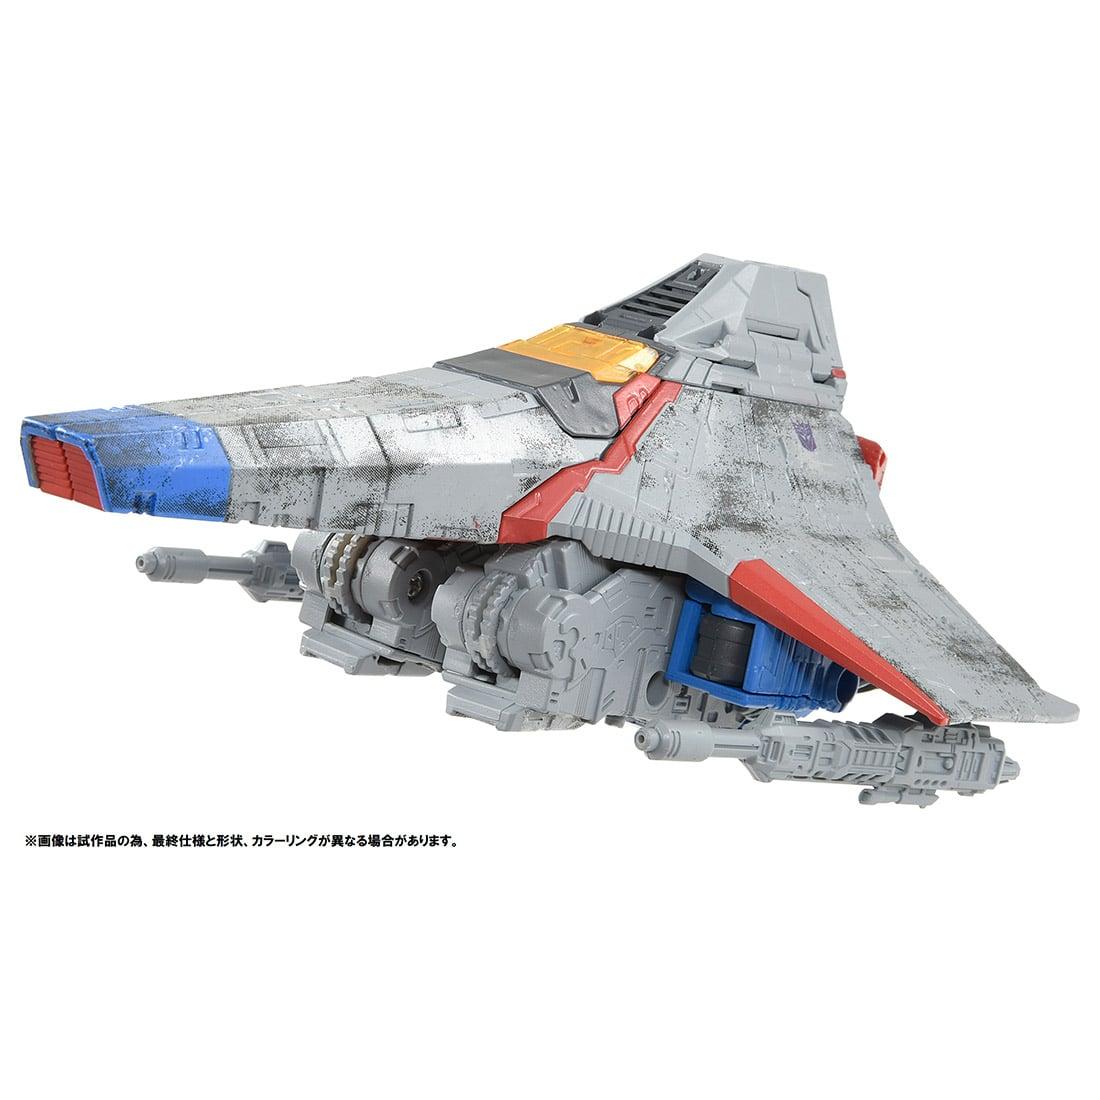 トランスフォーマー プレミアムフィニッシュ『PF WFC-04 スタースクリーム』可変可動フィギュア-006